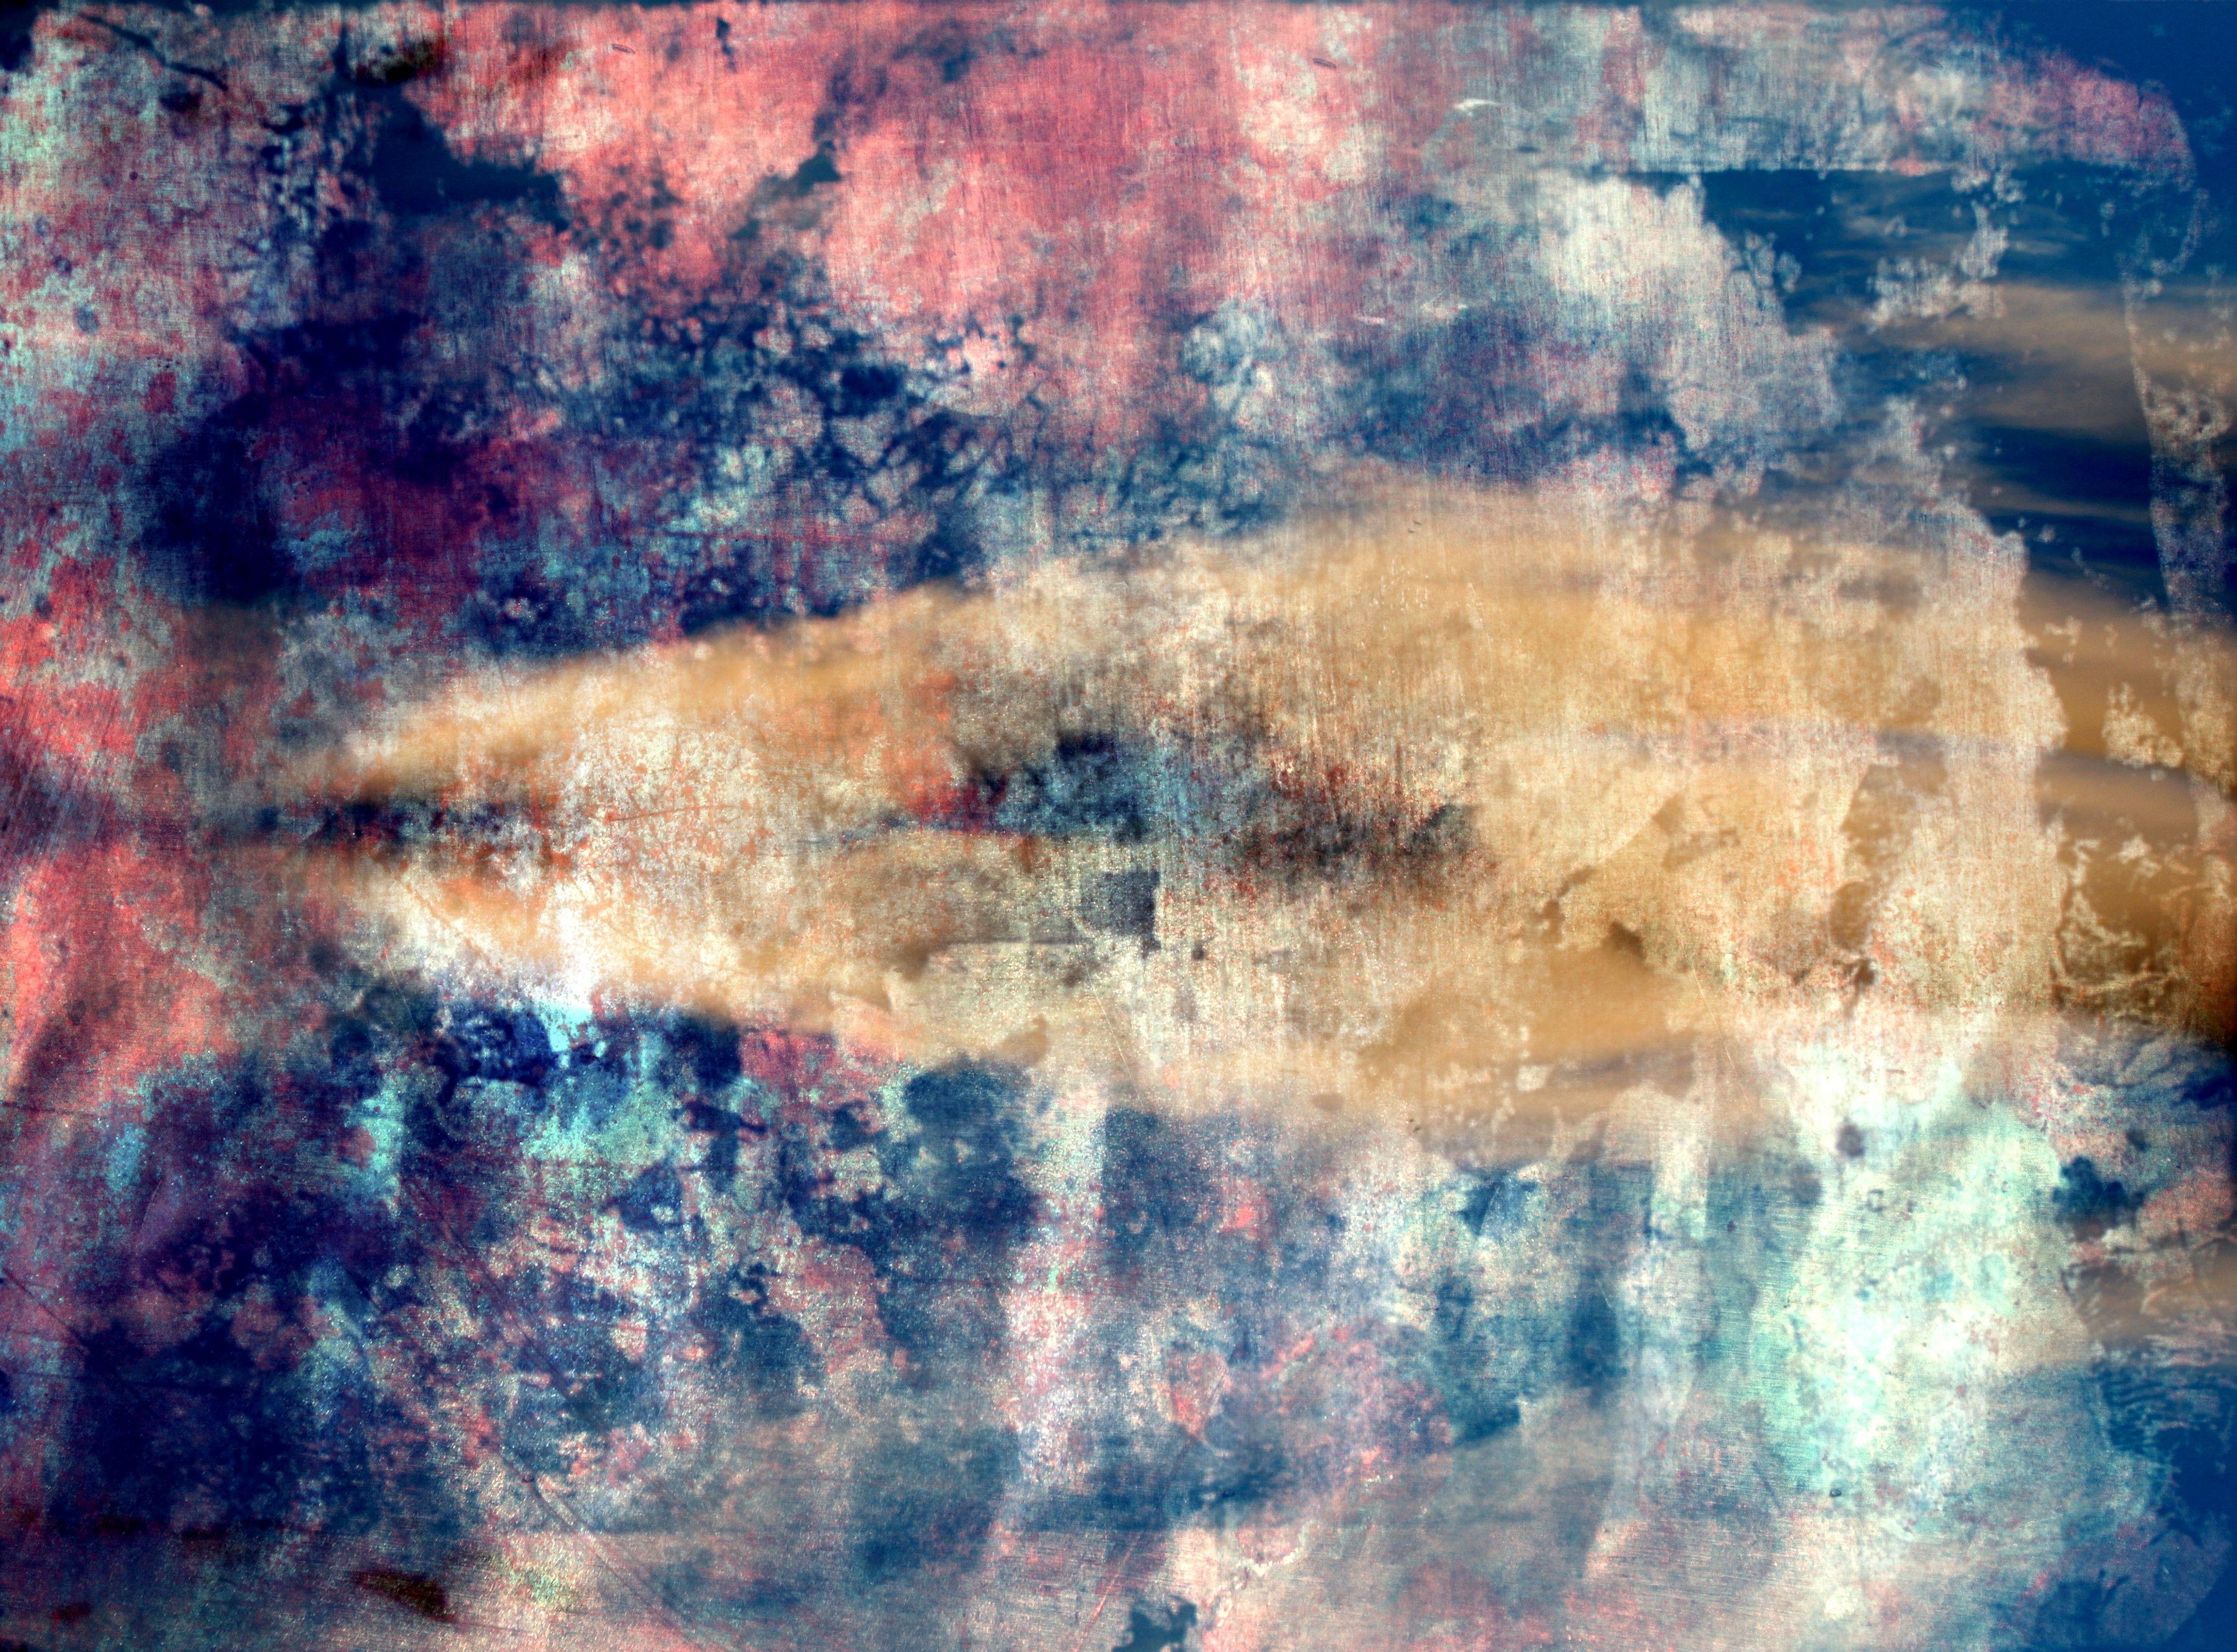 Fotoğraf Doku Yansıma Mavi Boyama Uzay ücretsiz Modern Sanat